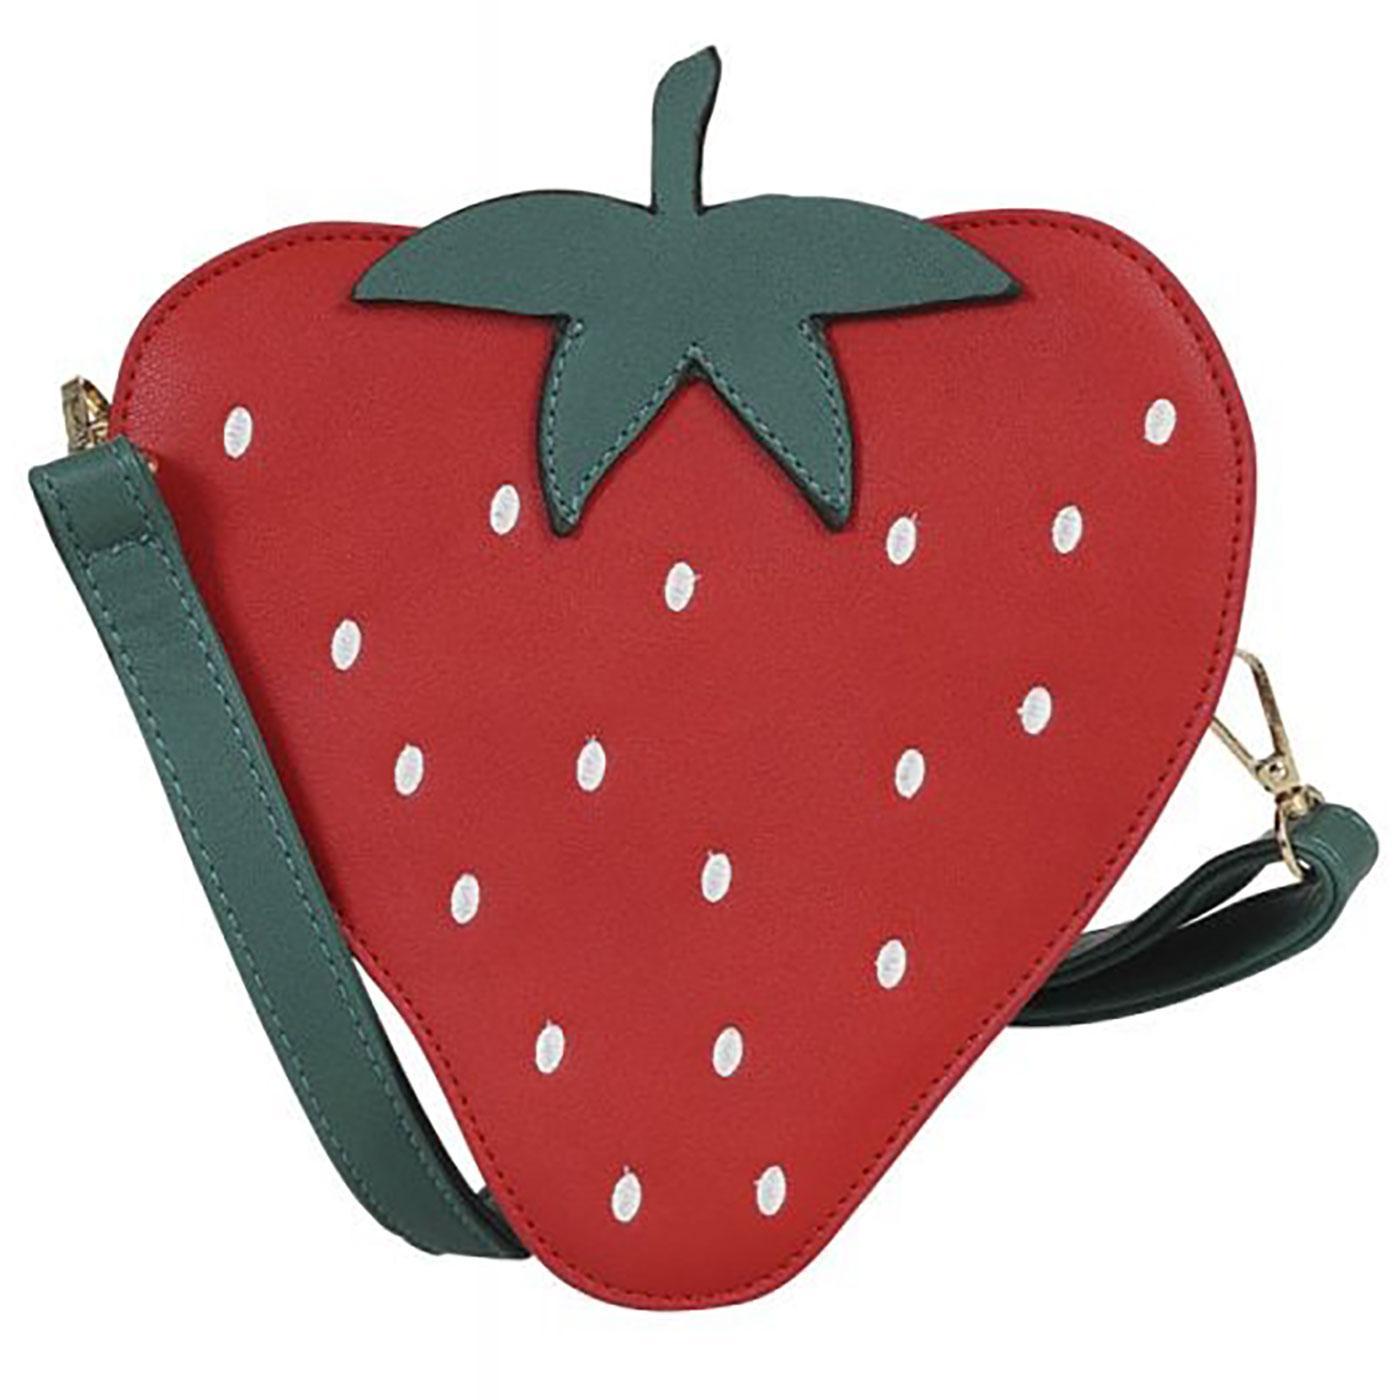 Juicy Strawberry COLLECTIF Summer Berry Handbag